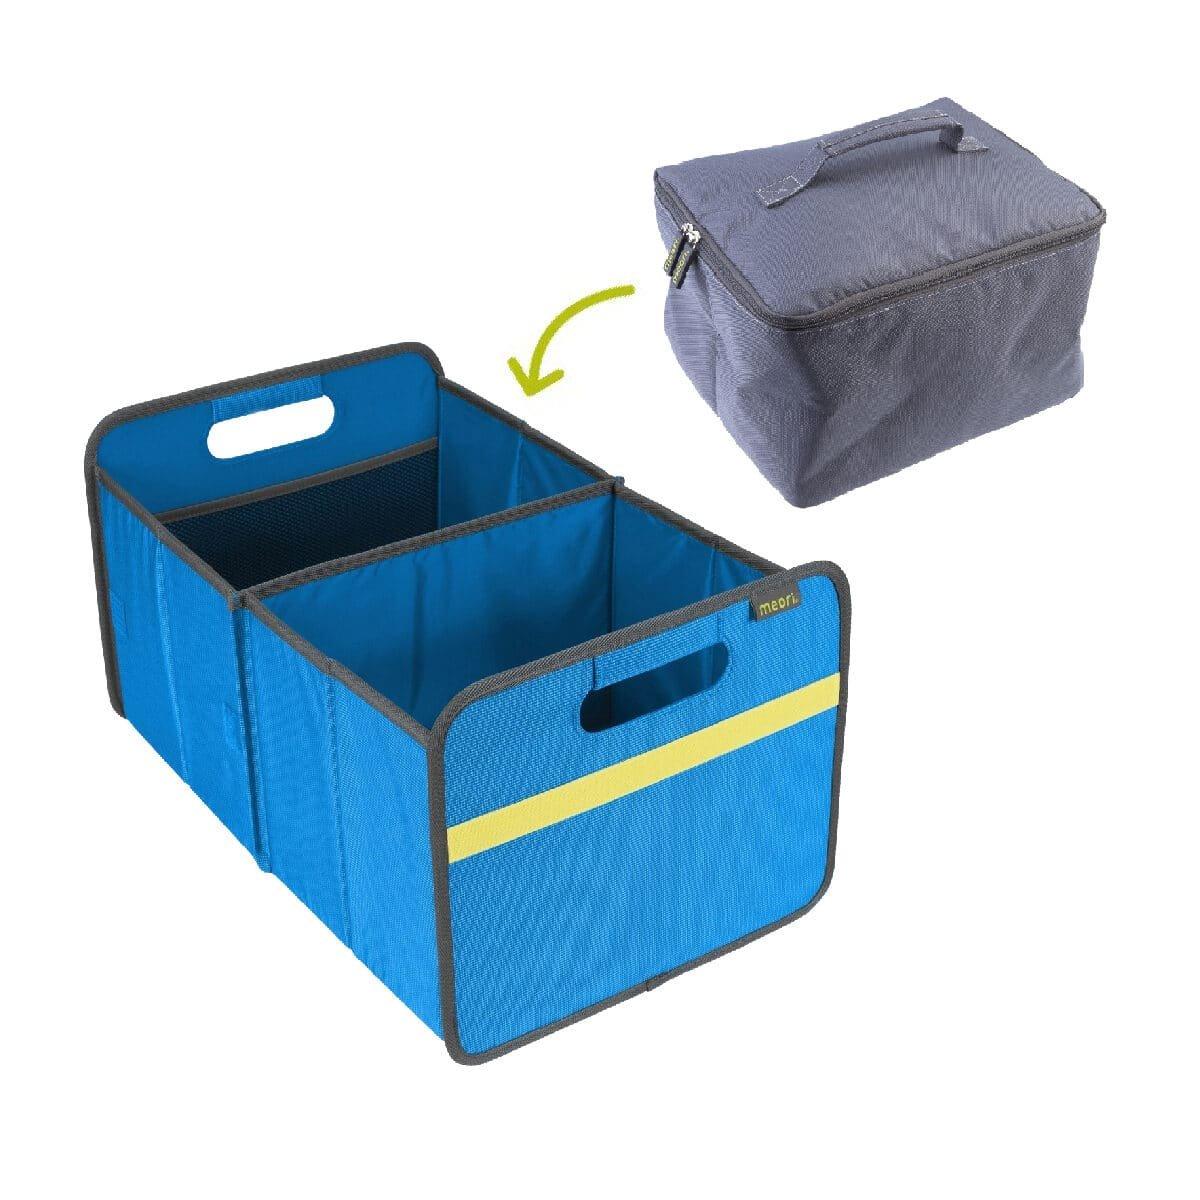 Premium Trunk Organizer Mediterranean Blue with Cooler Insert